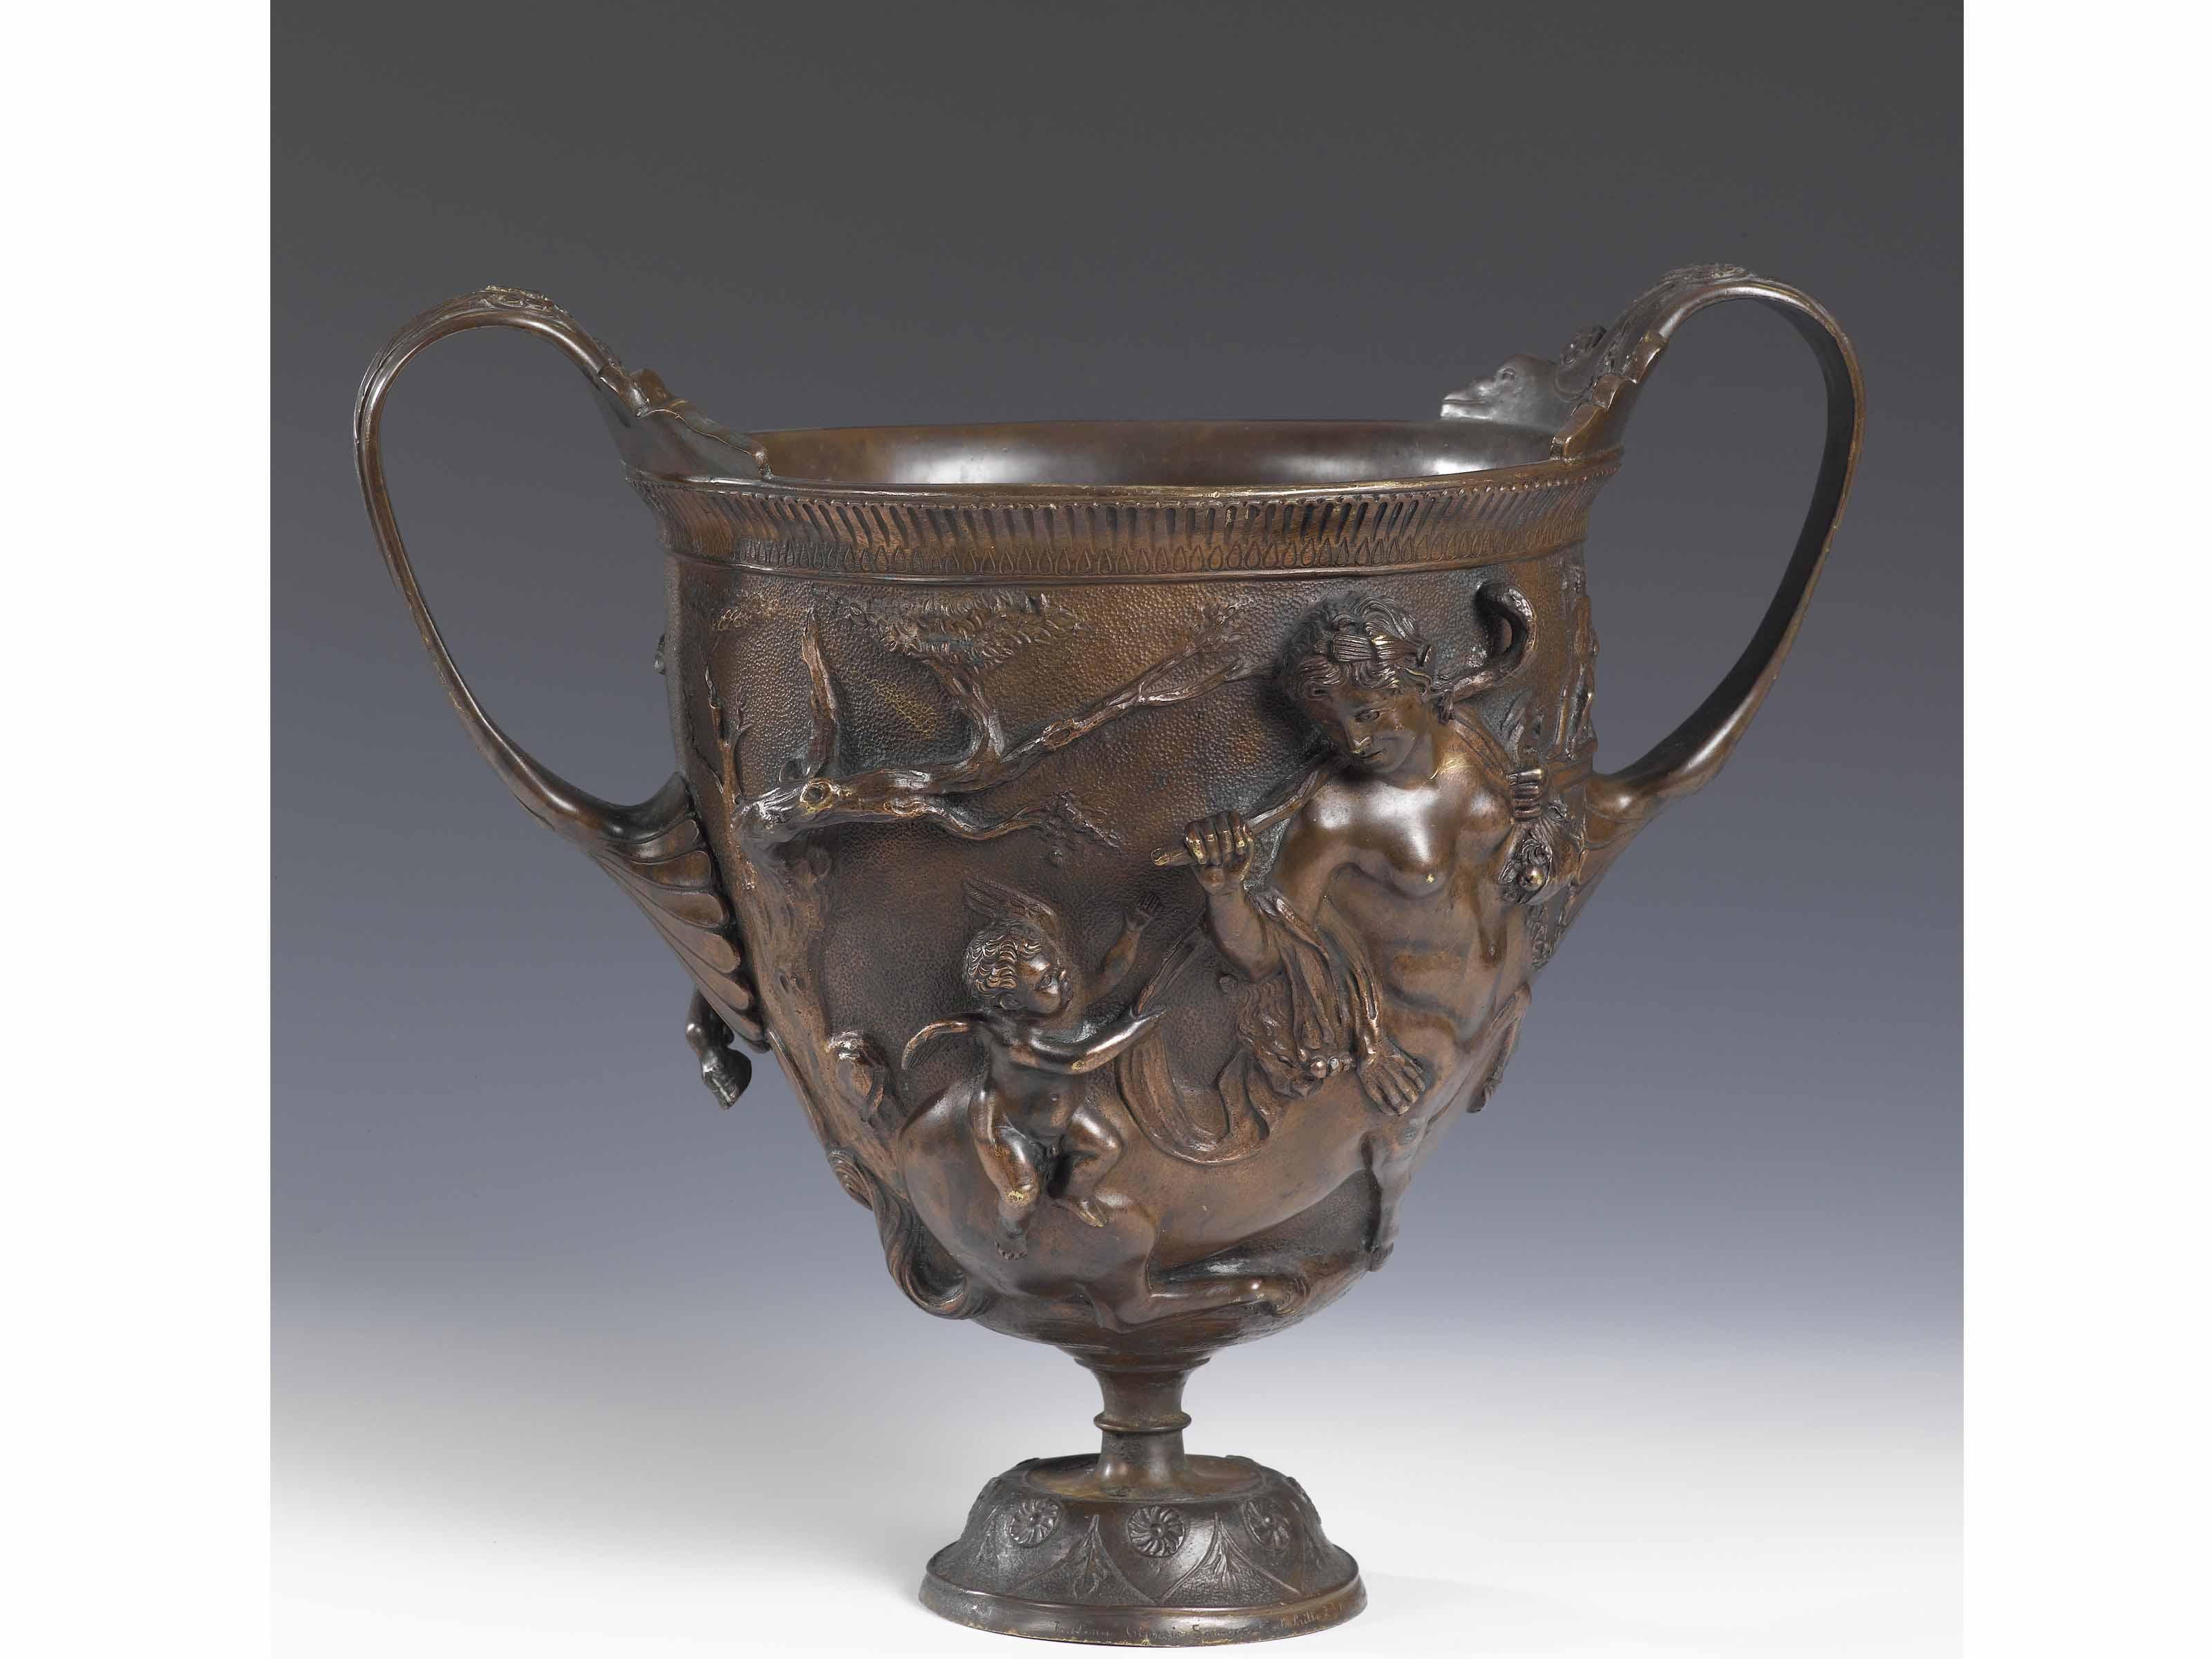 Il fascino degli oggetti antichi in bronzo rimane immutato for Oggetti antichi in regalo